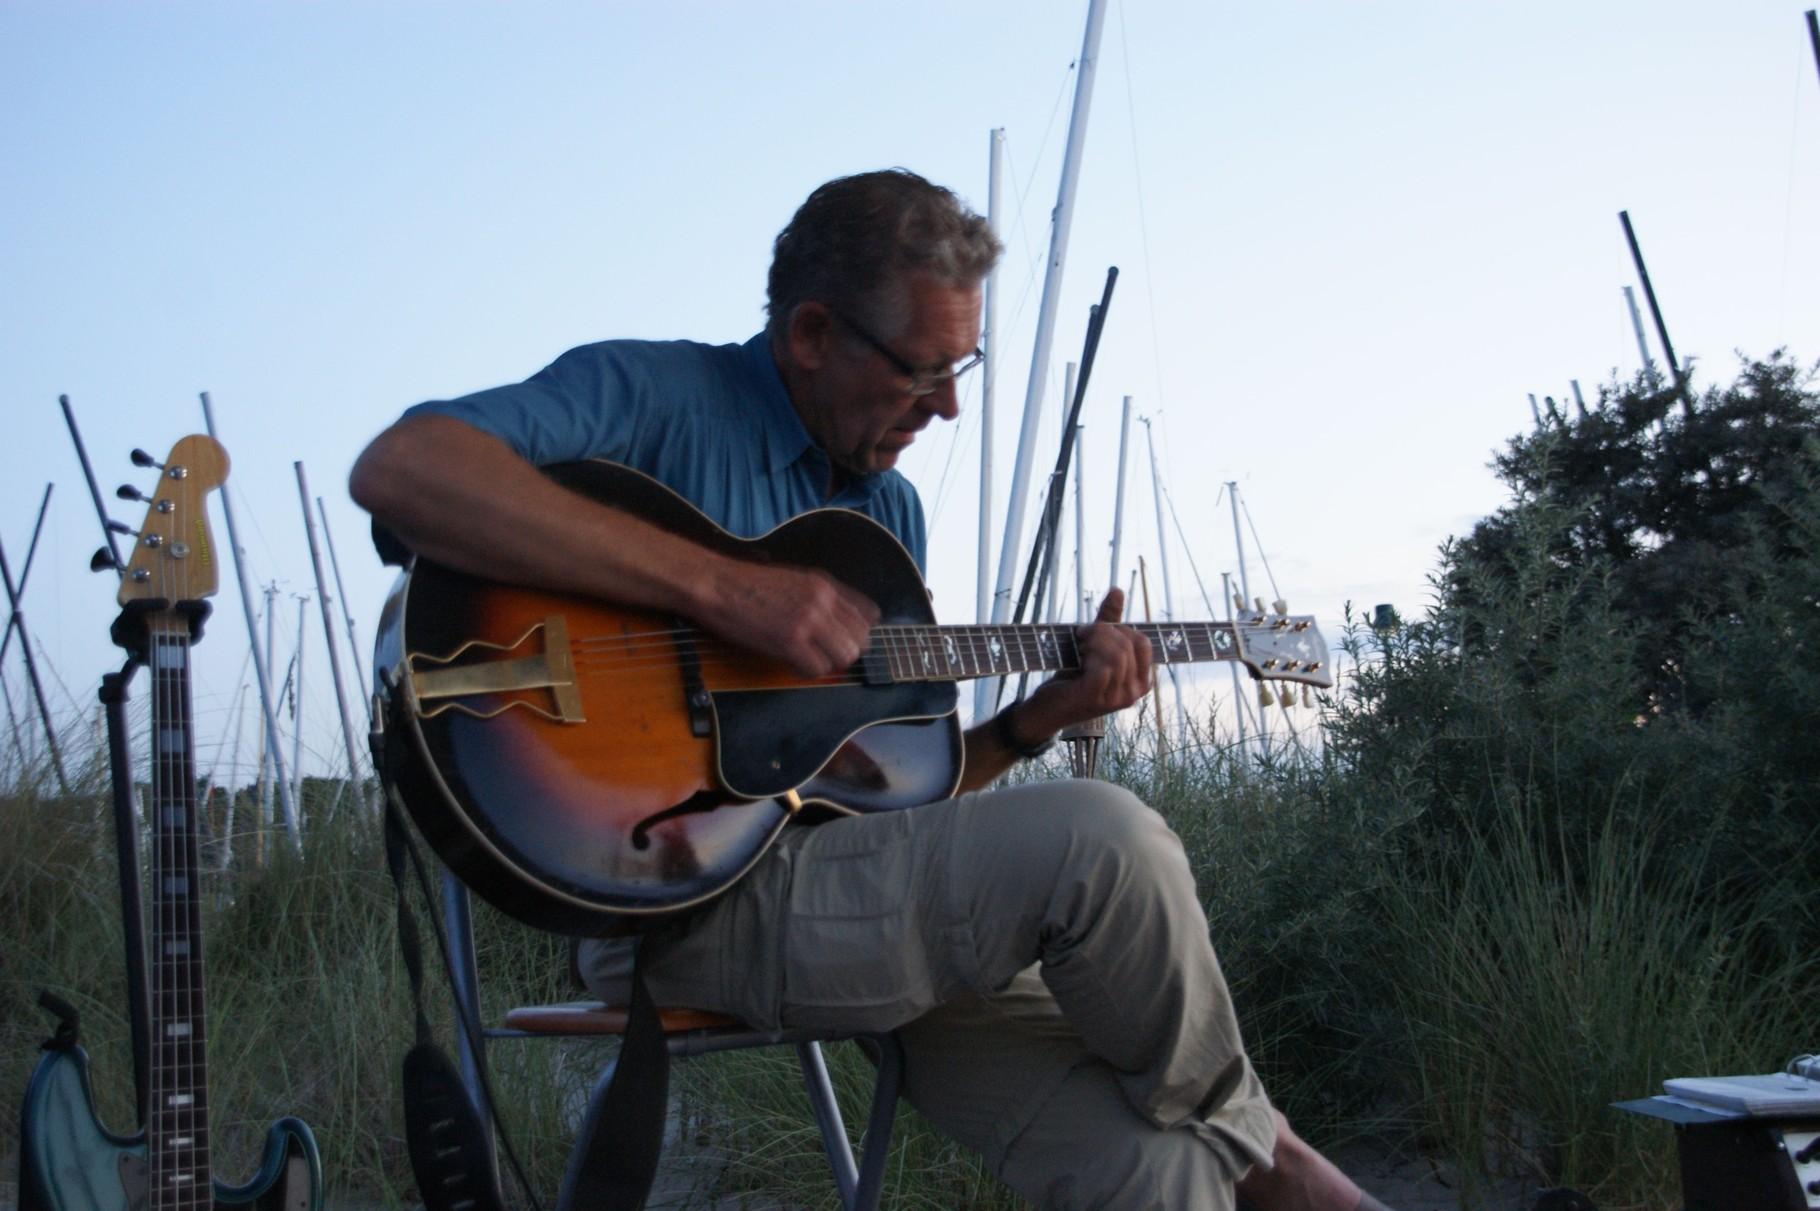 riff-Inhaber Holger Krall in Spiellaune